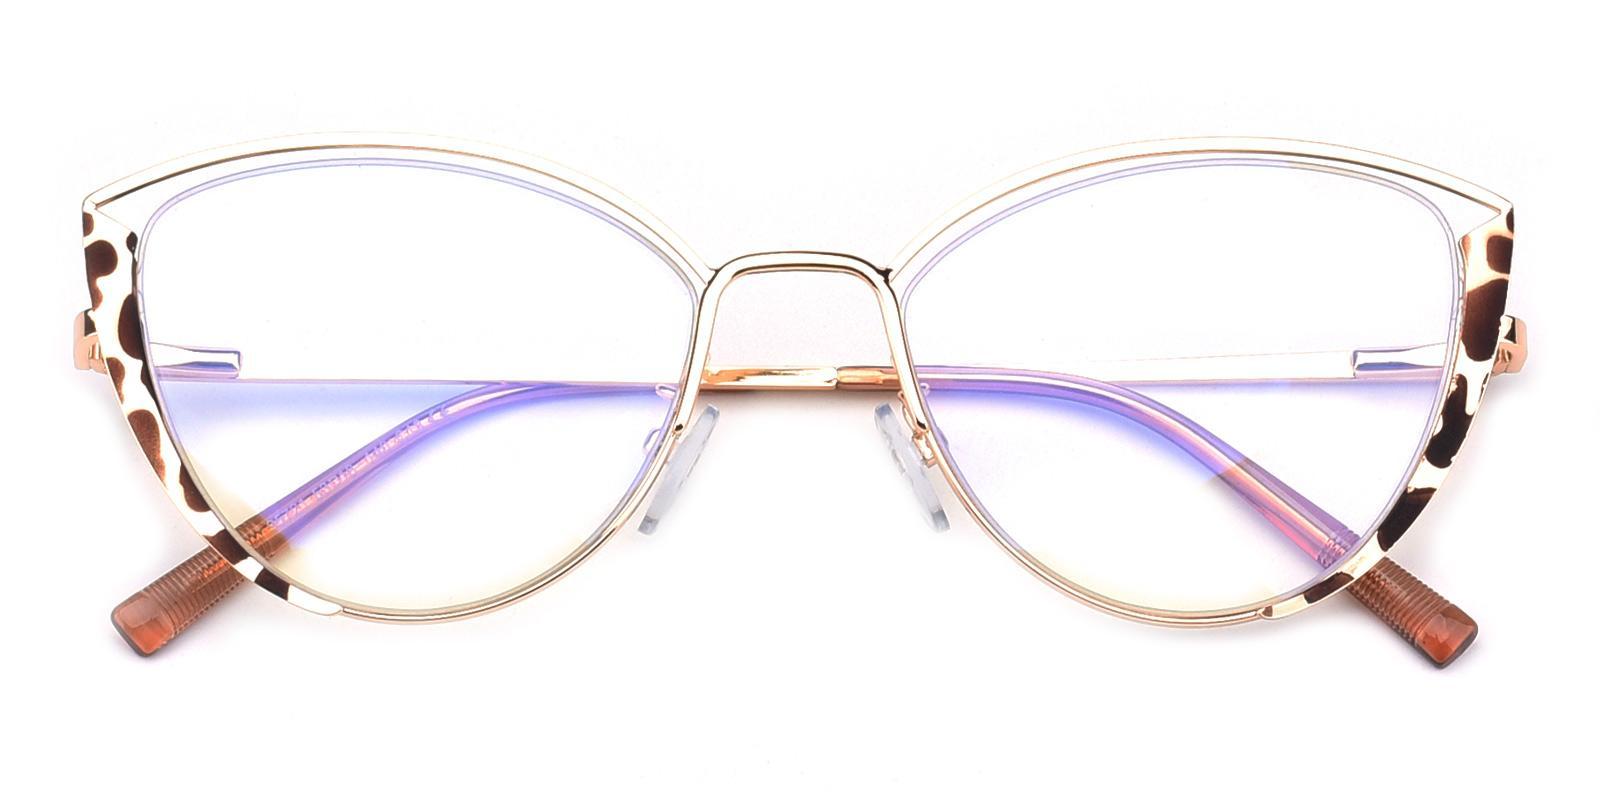 Julie-Tortoise-Cat-Metal-Eyeglasses-detail